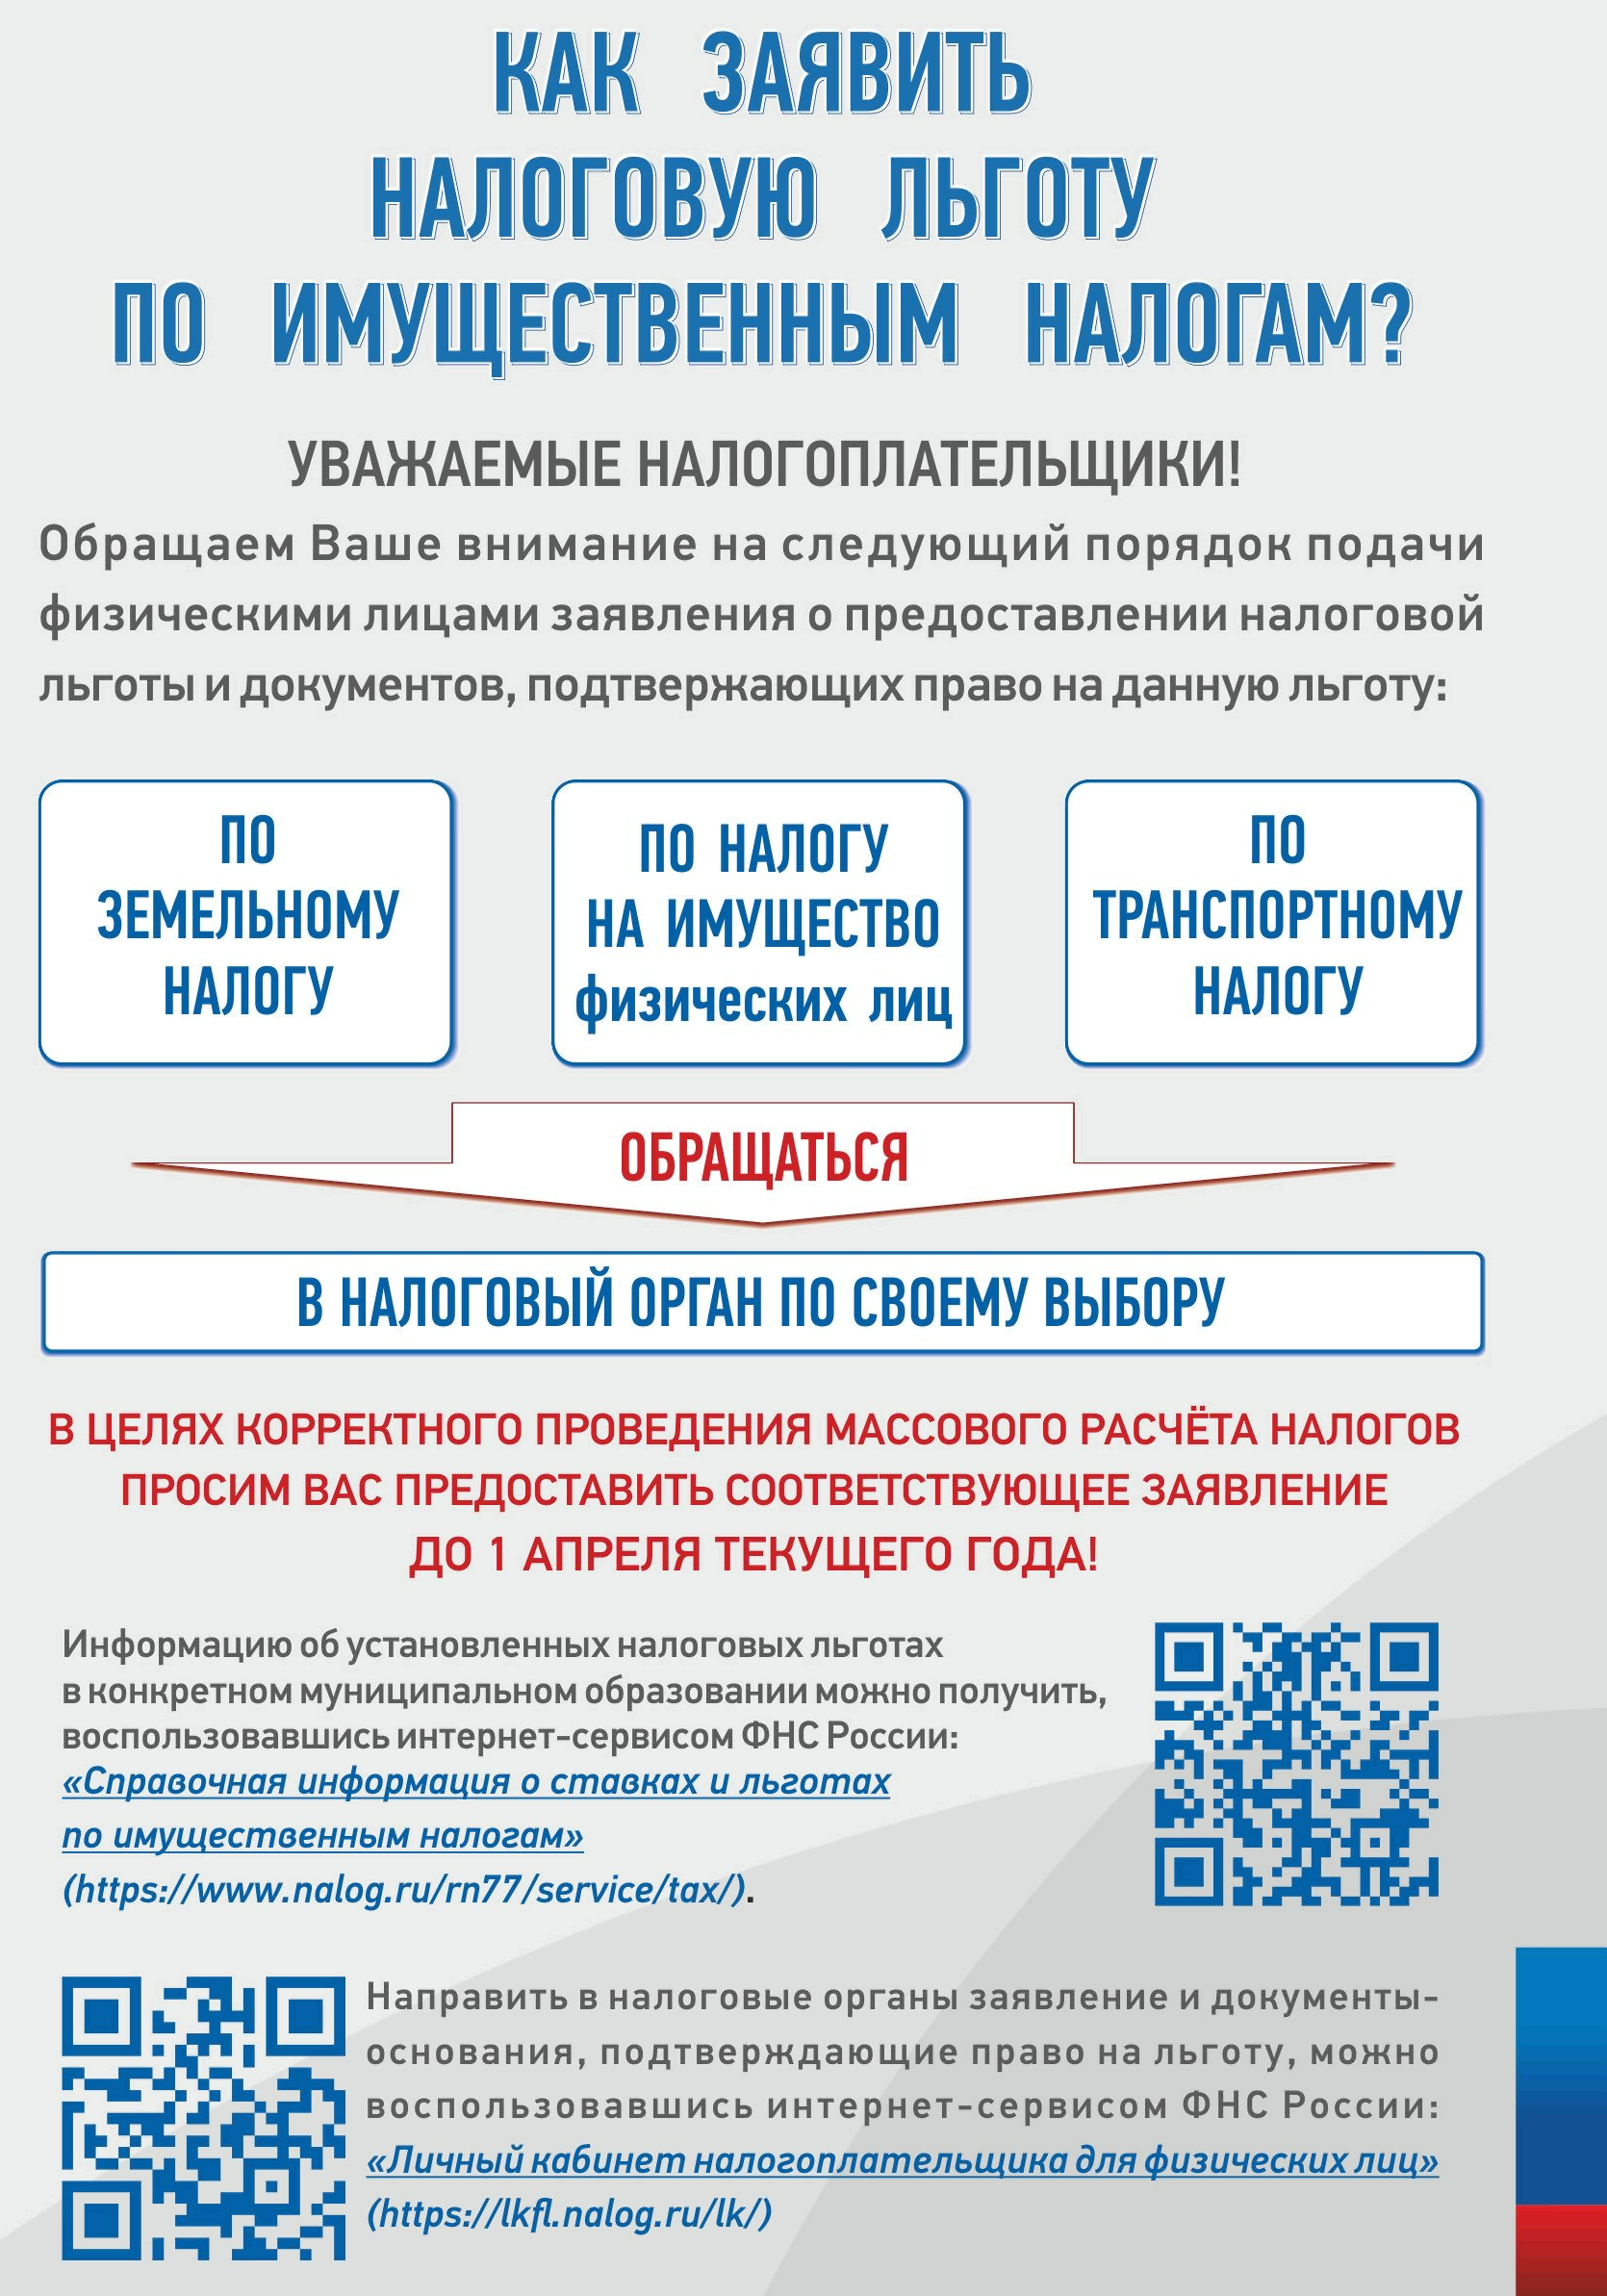 типовое информационное сообщение, используемое при проведении информационной кампании